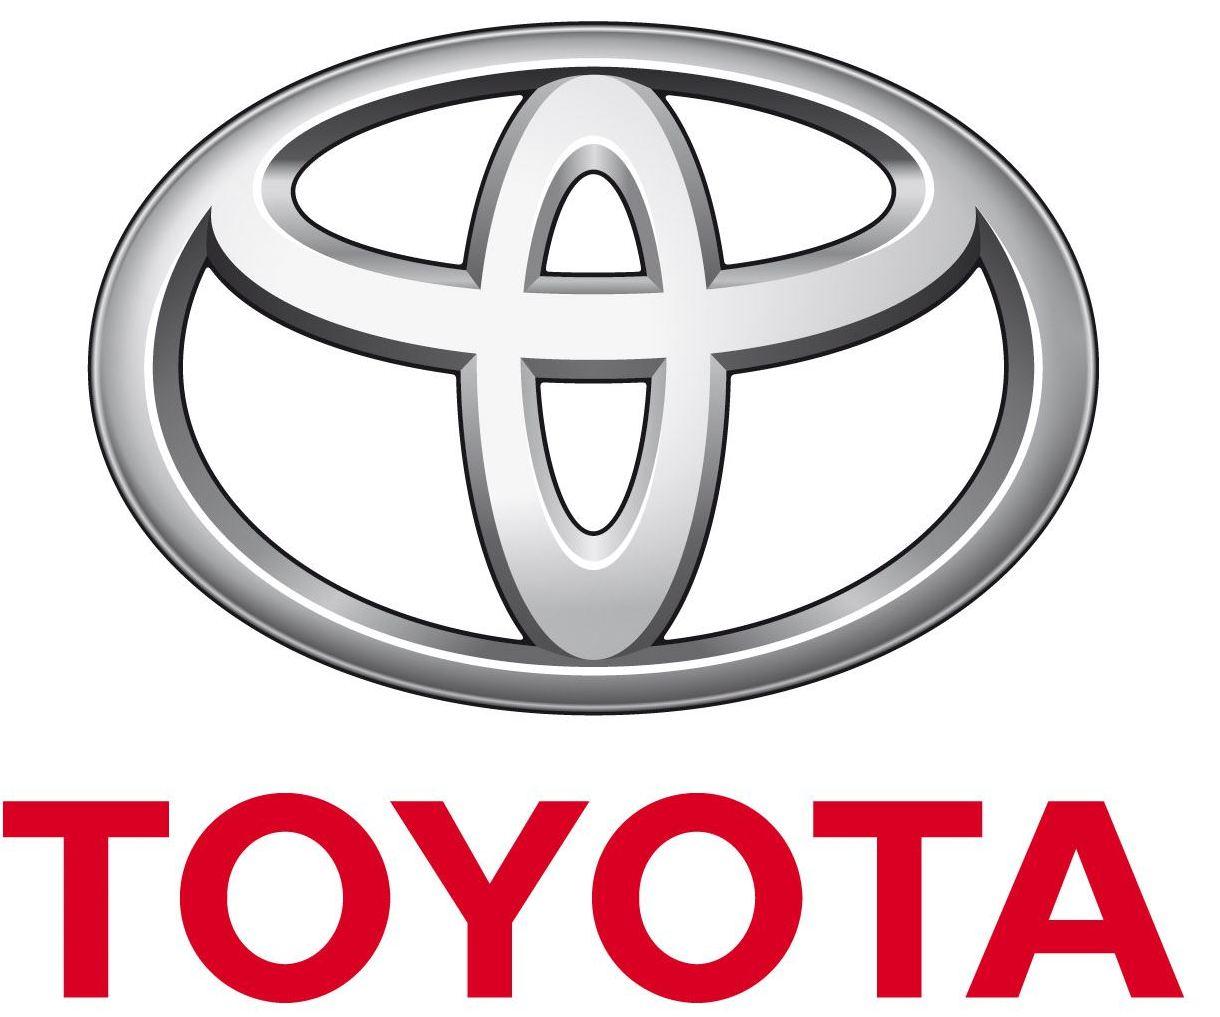 Toyota-logo-4